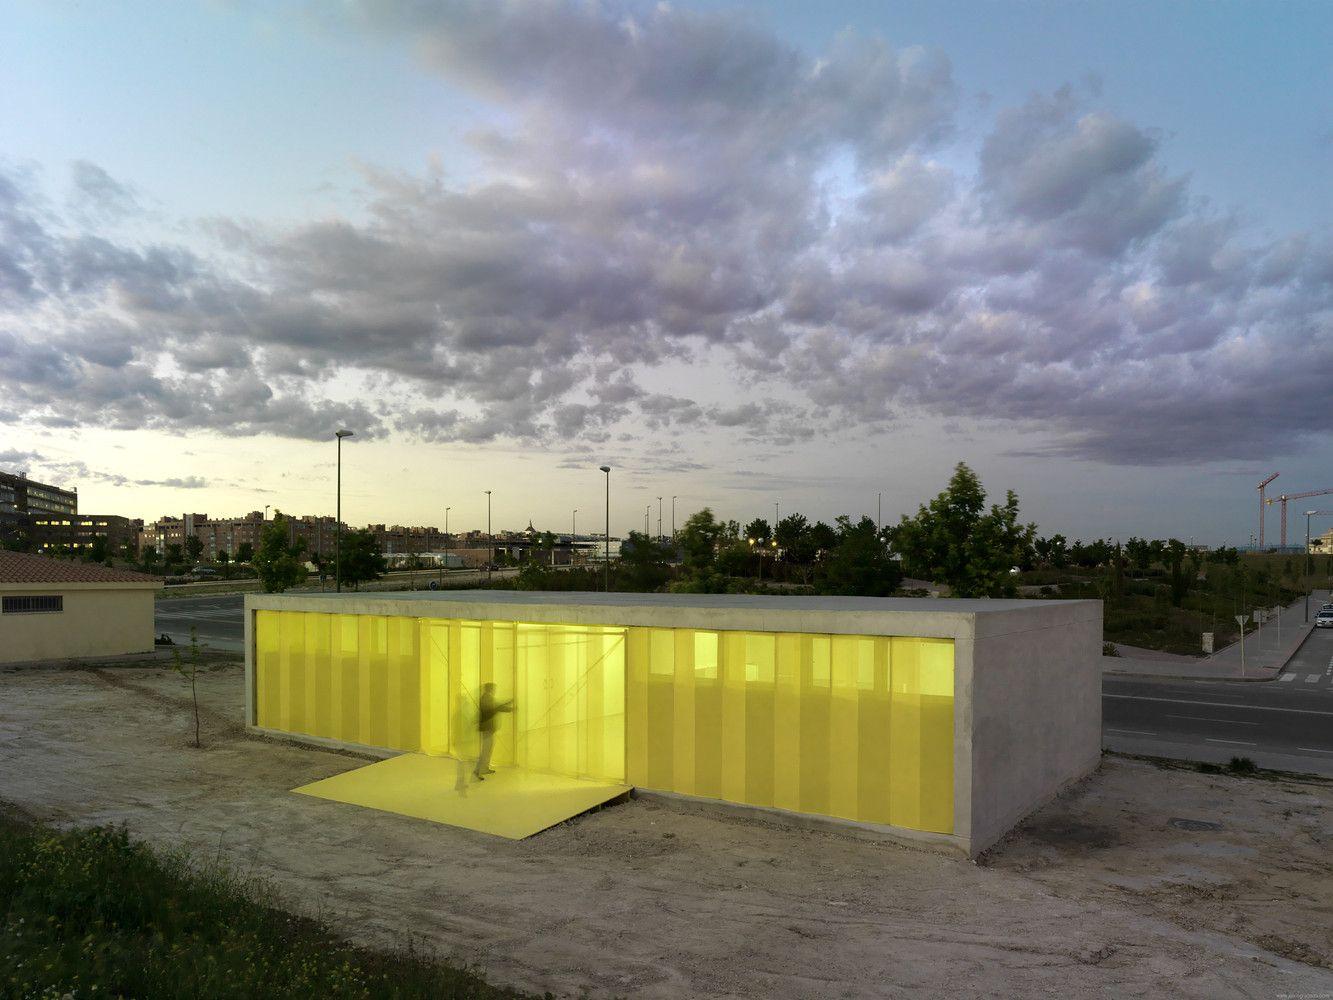 Gallery of Pabellones De Arbolado / Israel Alba - 3